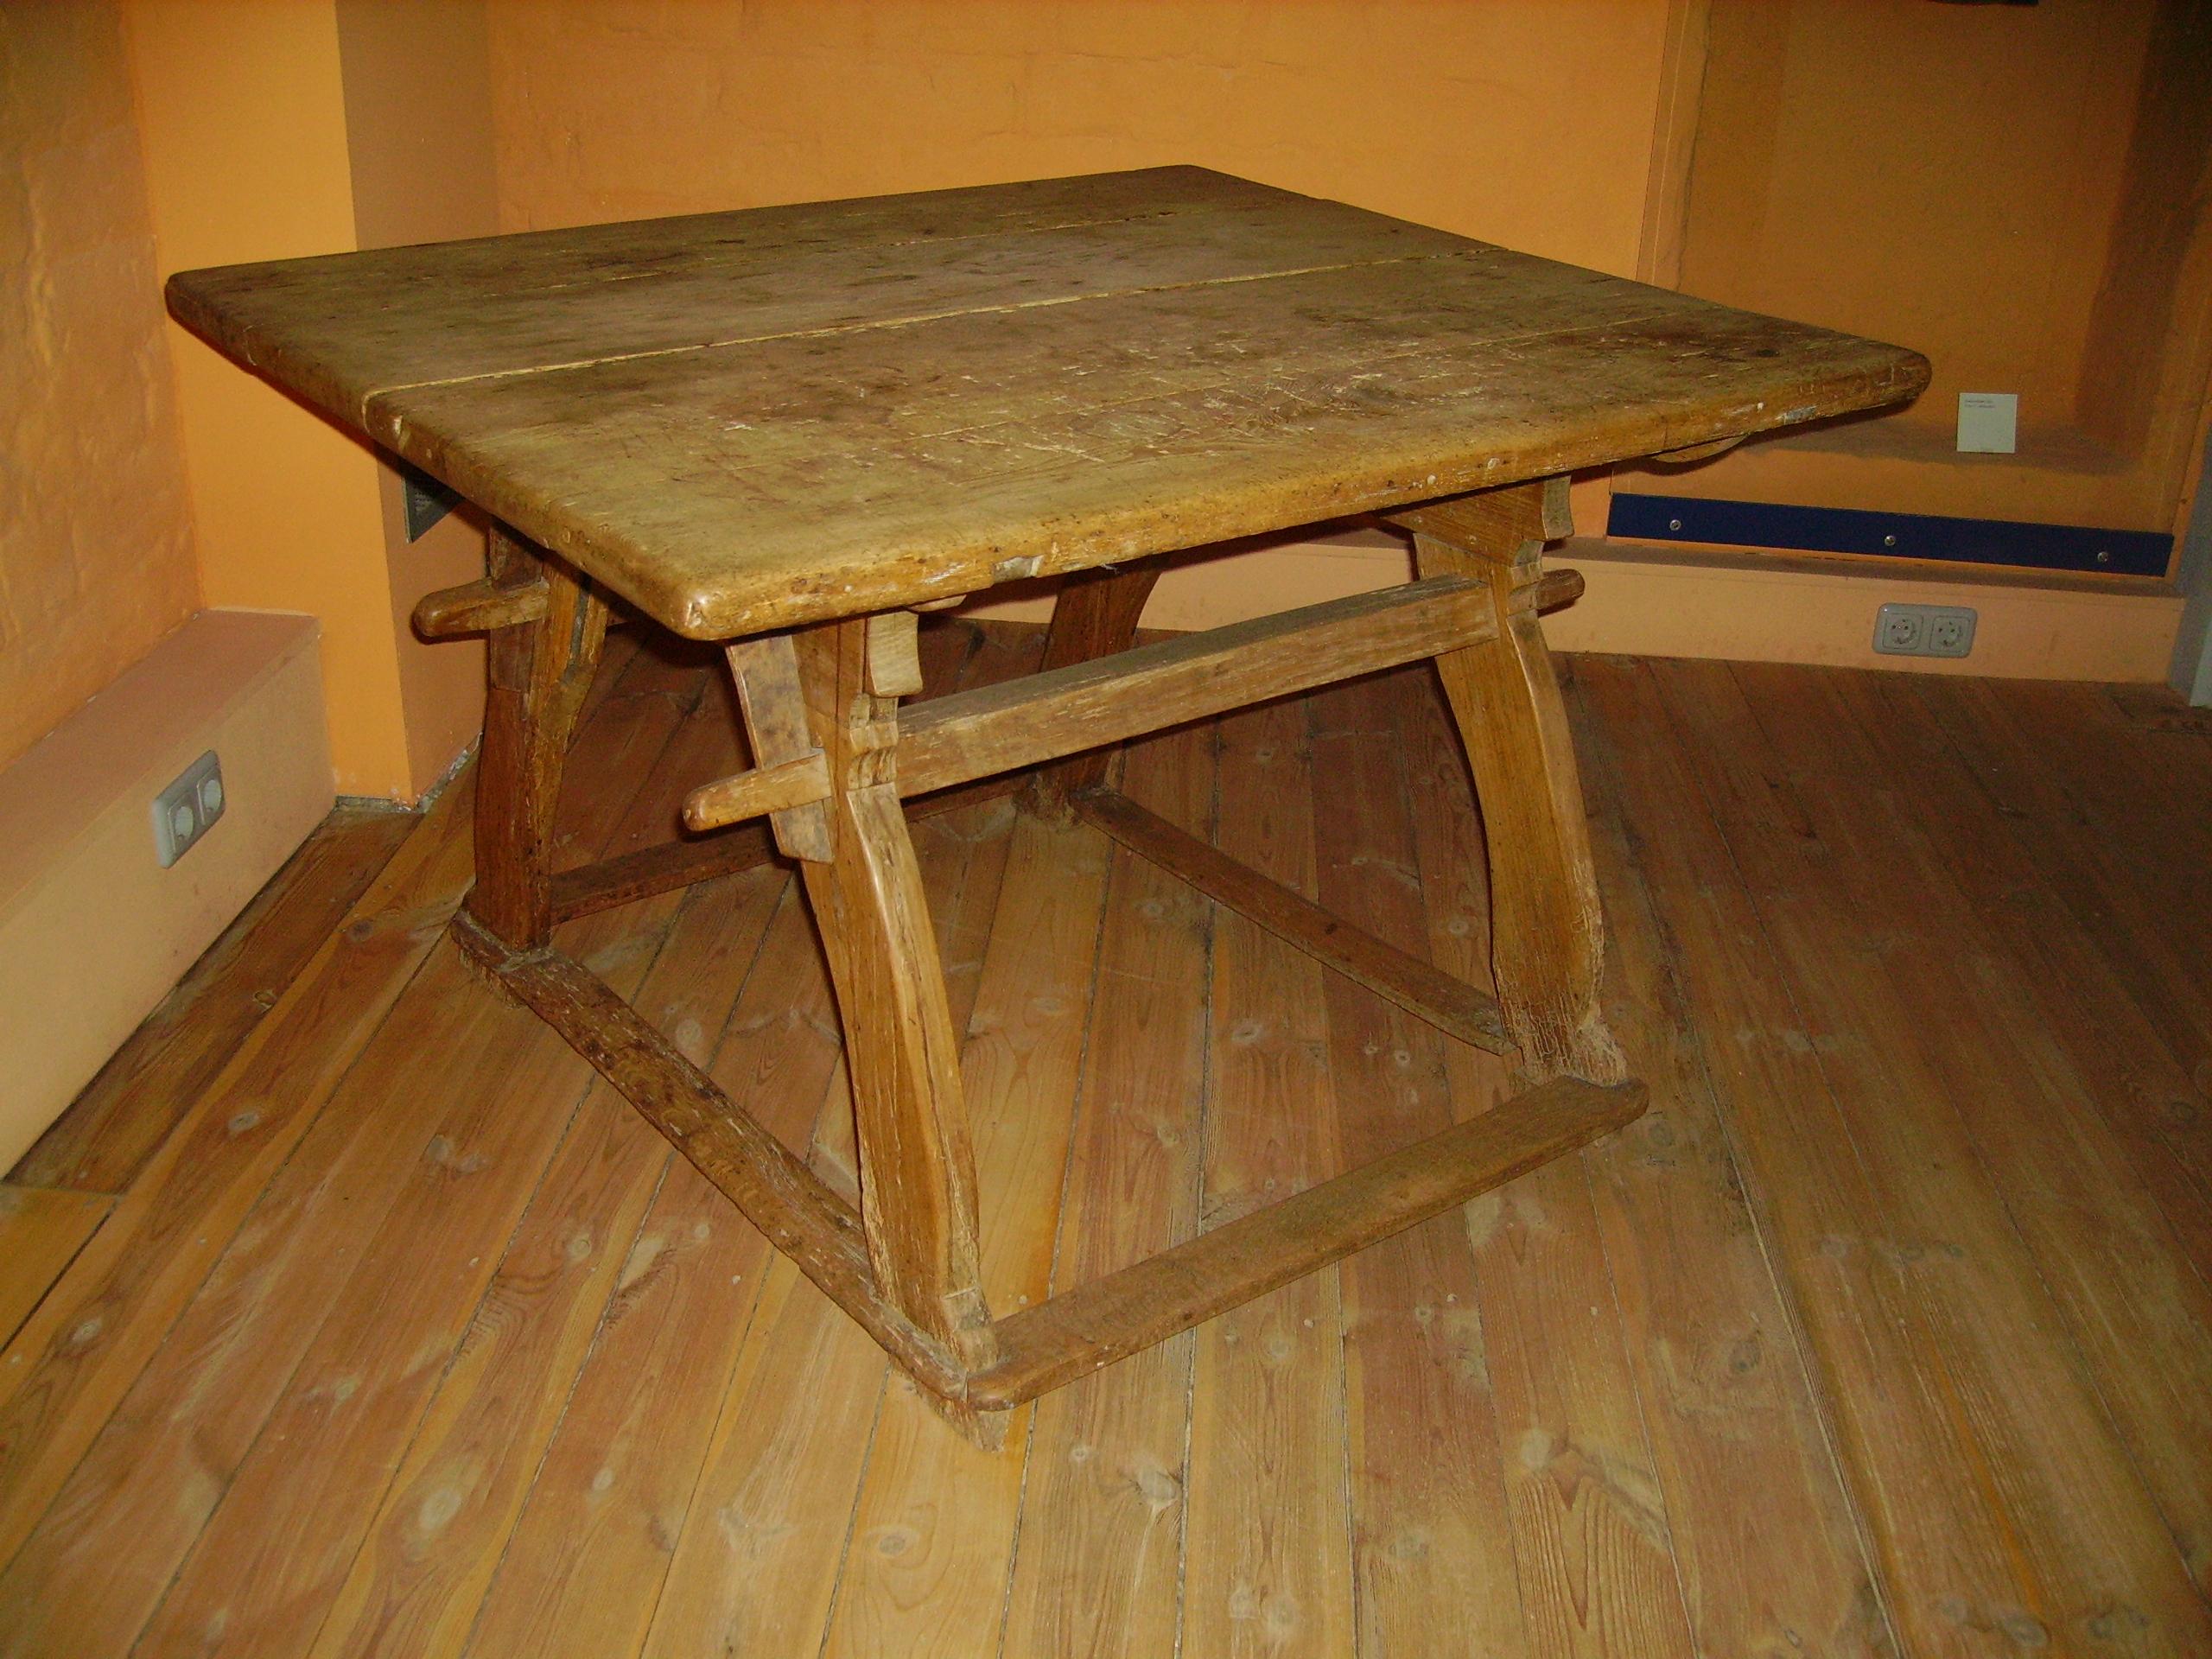 Tisch  Tisch – Wikipedia